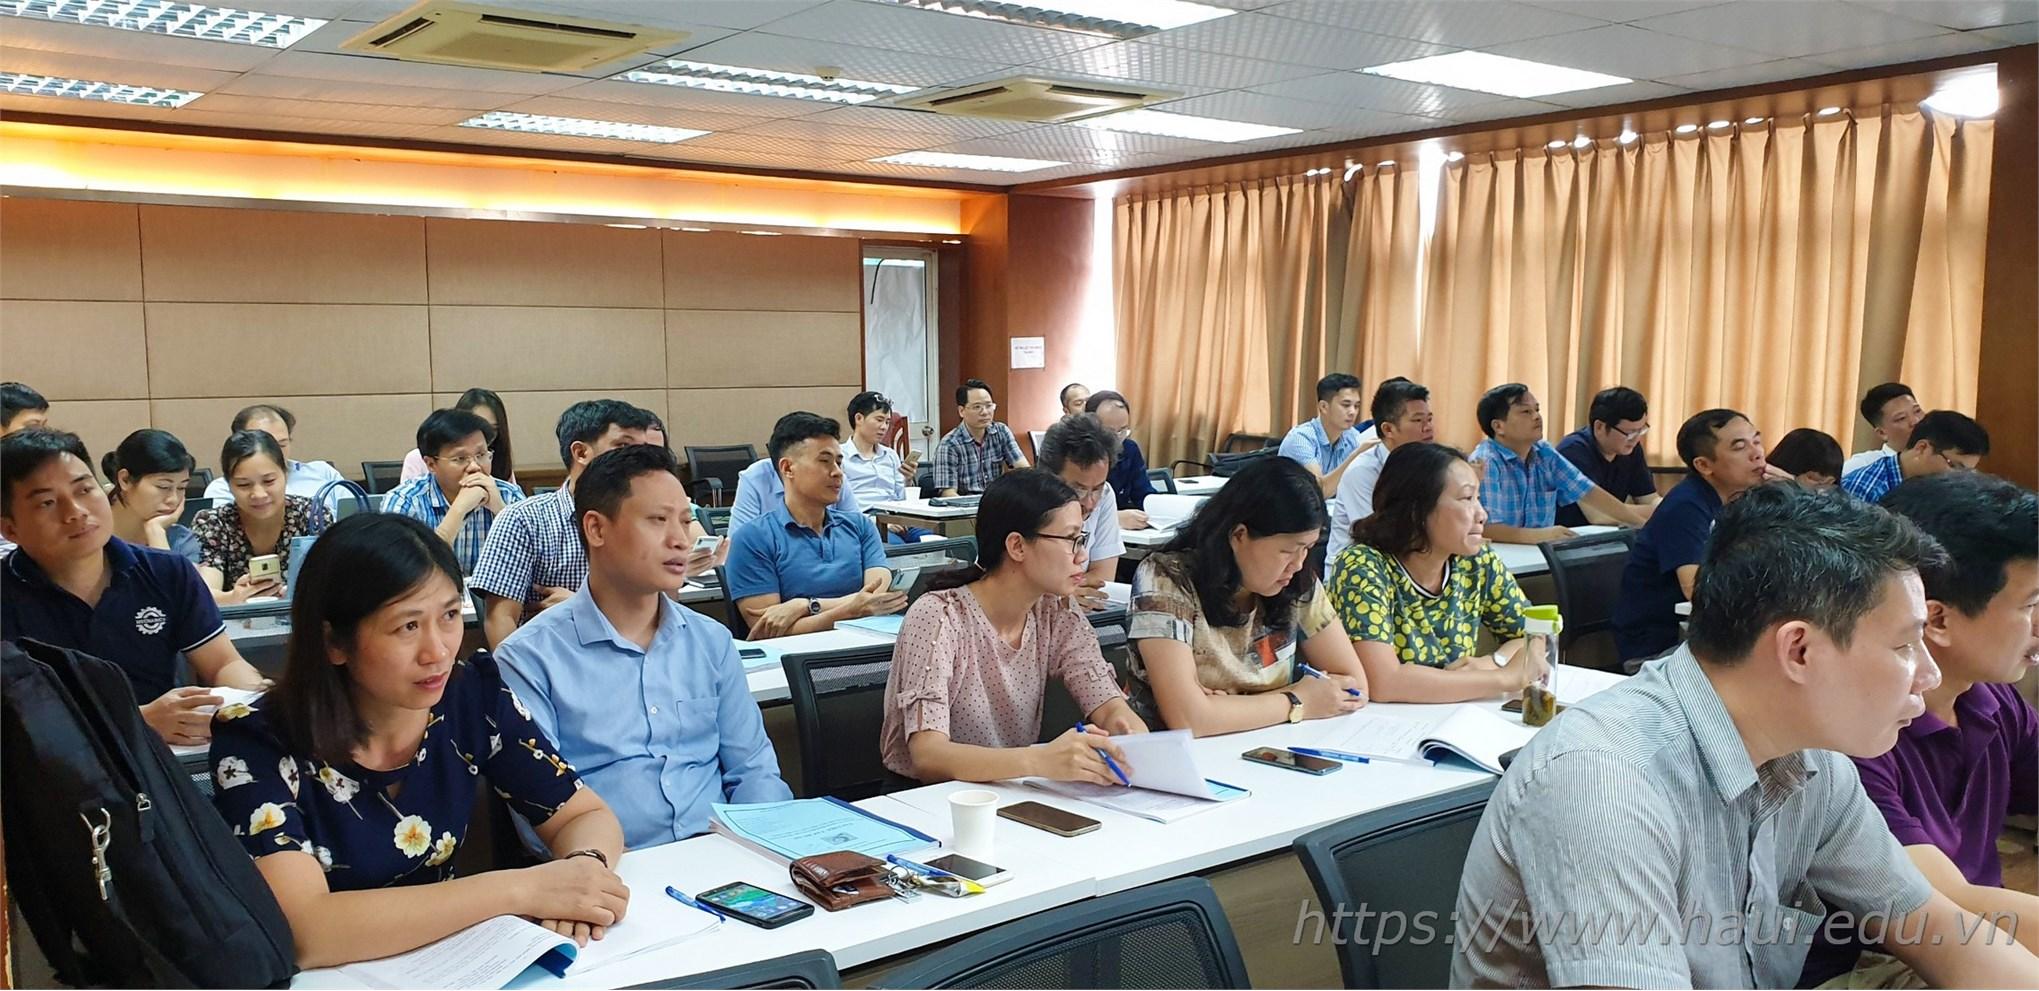 Đại học Công nghiệp Hà Nội tập huấn xây dựng bộ tài liệu hướng dẫn đánh giá kết quả học tập học phần